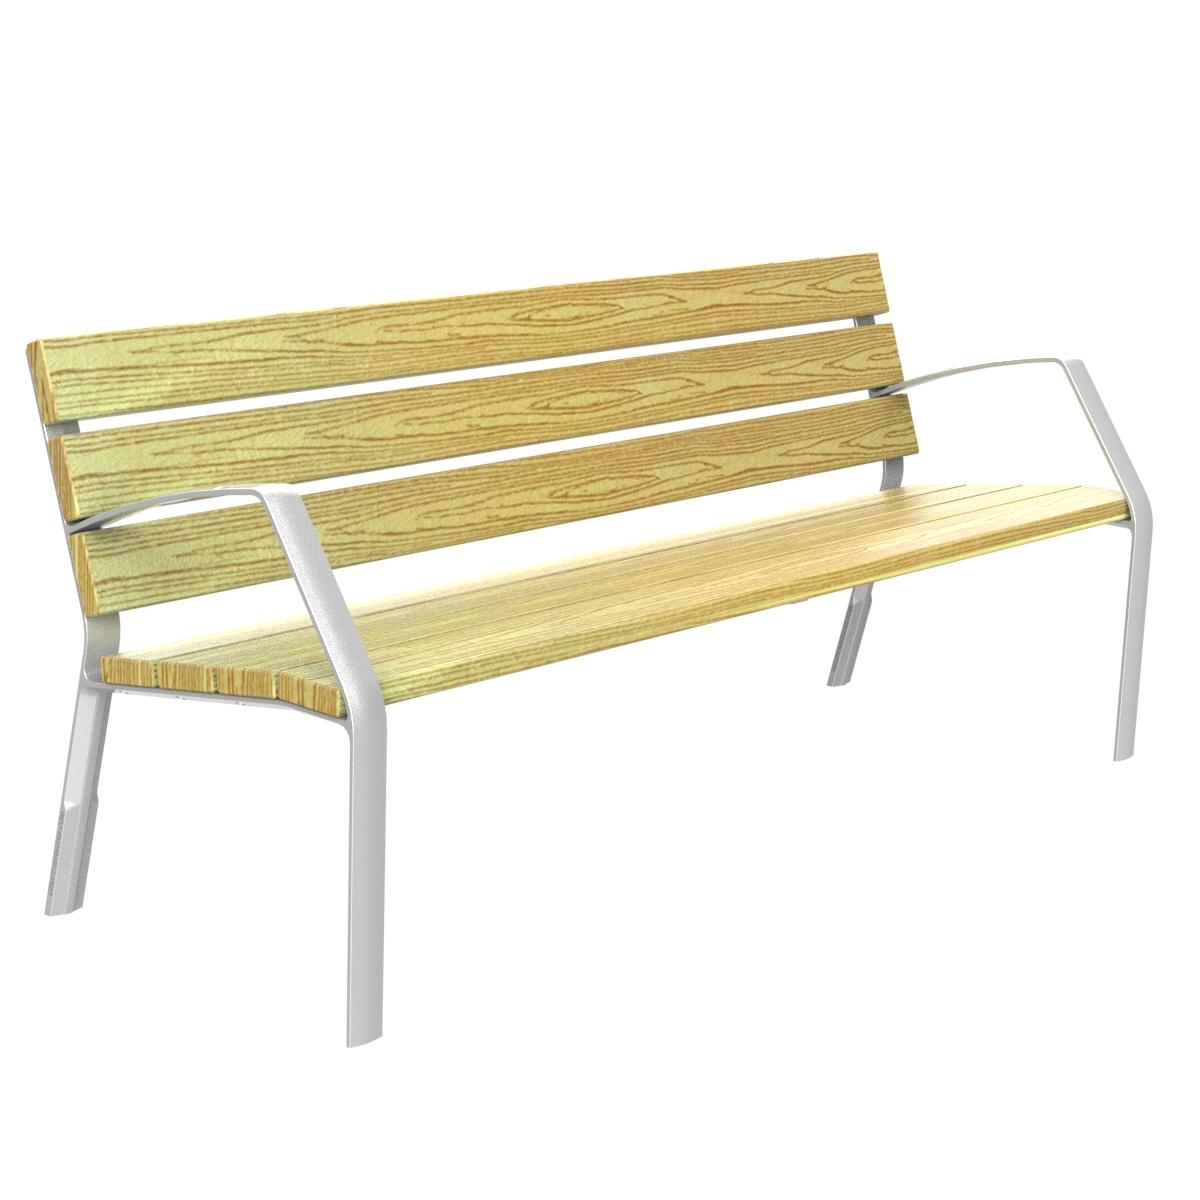 Banco de madera con patas de aluminio Modo10